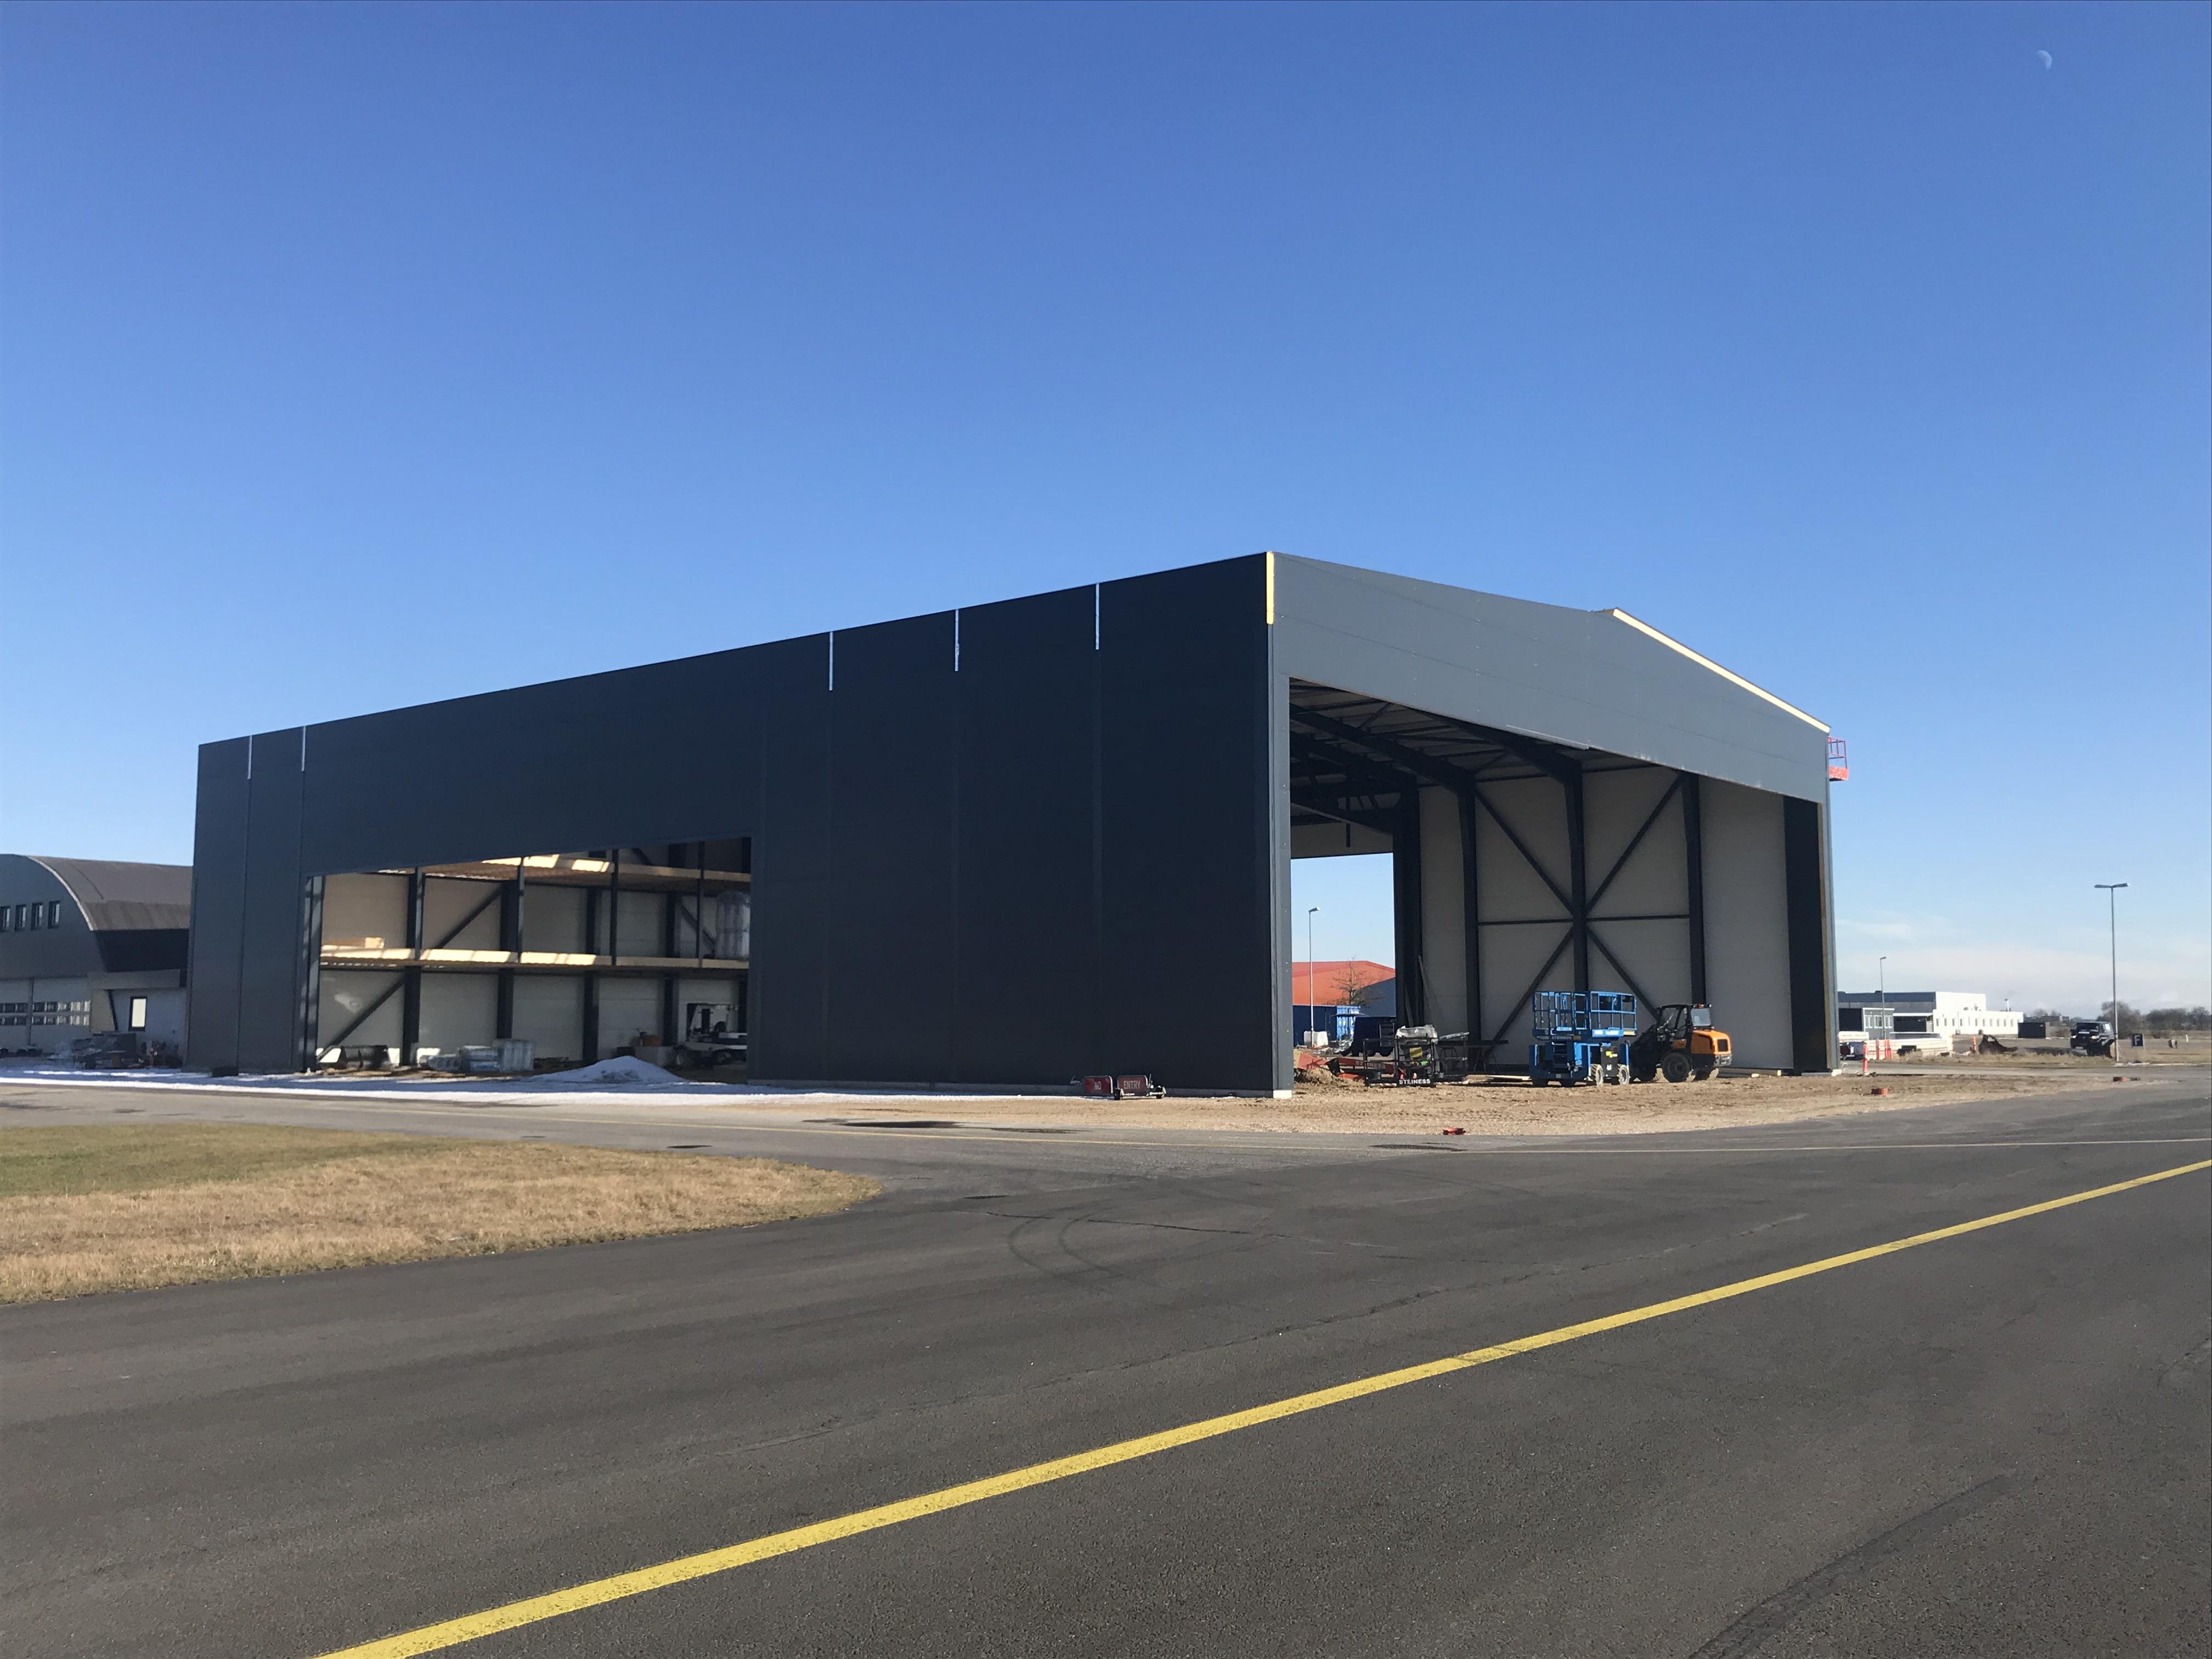 Den nye hangar bliver på 1.300 kvadratmeter. Foto: Roskilde Lufthavn.